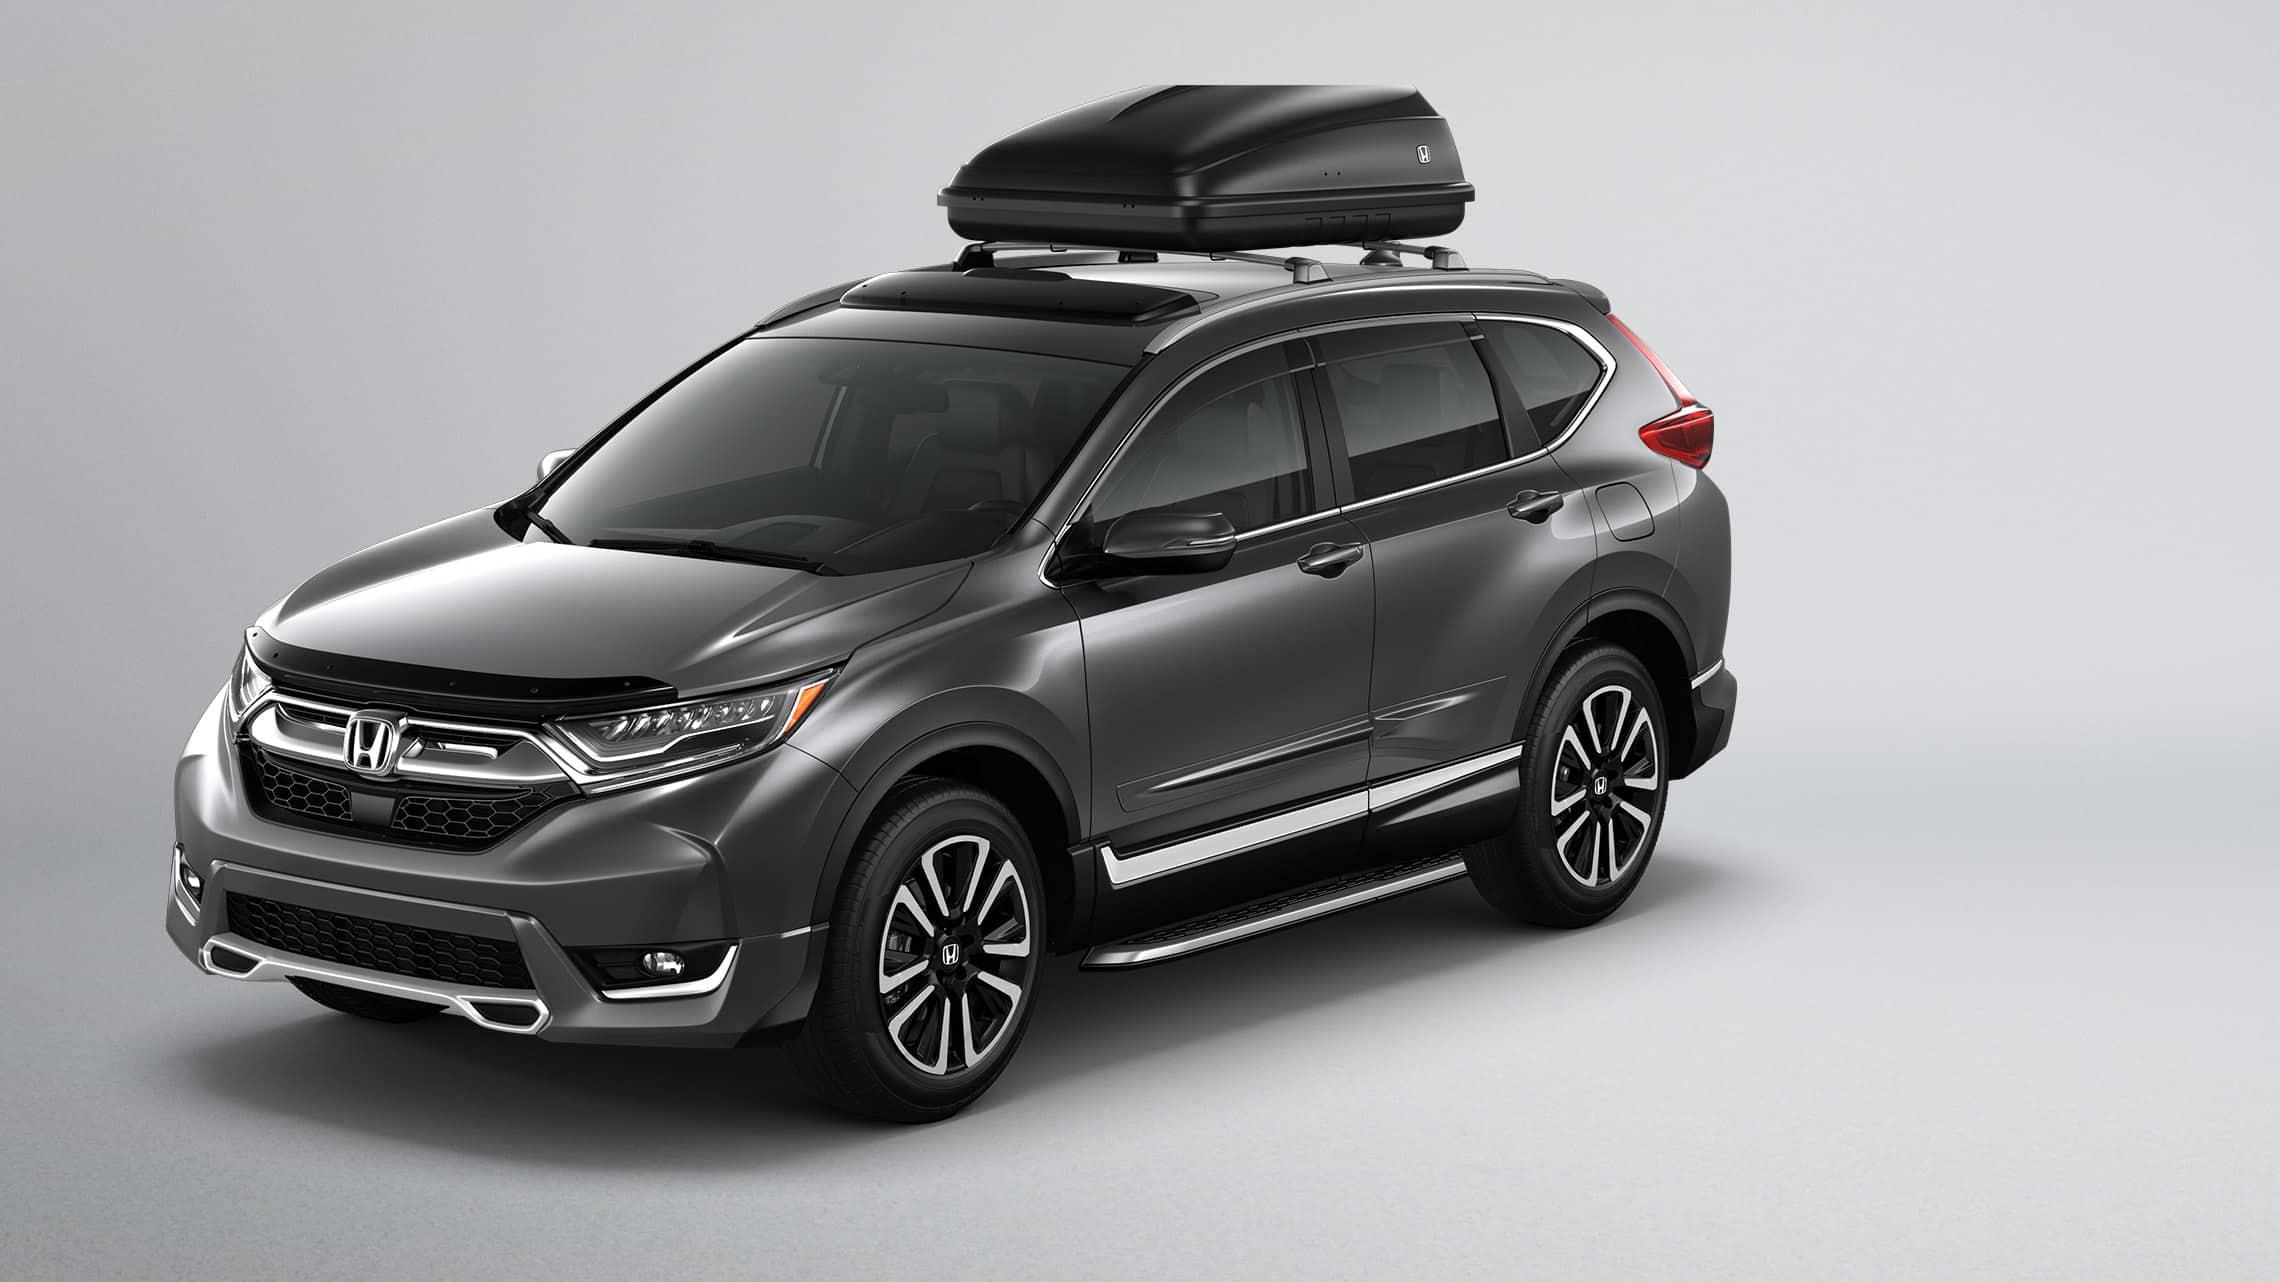 Se muestra la CR-V 2019 con accesorios originales Honda.